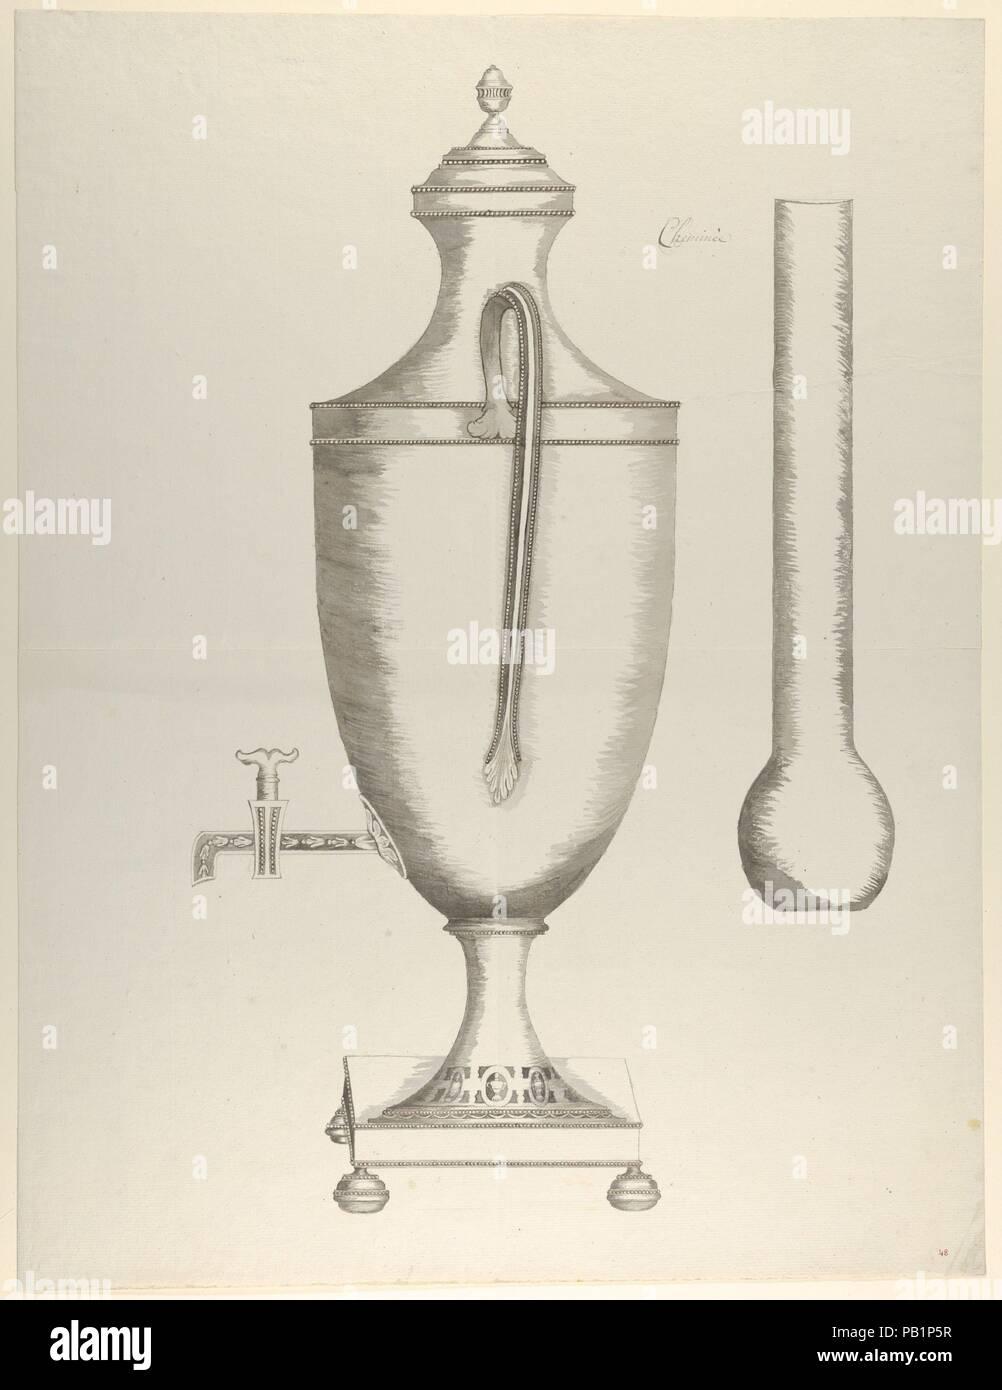 Design Für Einen Kaffee Urn. Künstler: Anonym, Französisch, 18.  Abmessungen: 25 1/8 X 19 11/16 In. (63,8 X 50 Cm). Datum: Ca. 1770 90.